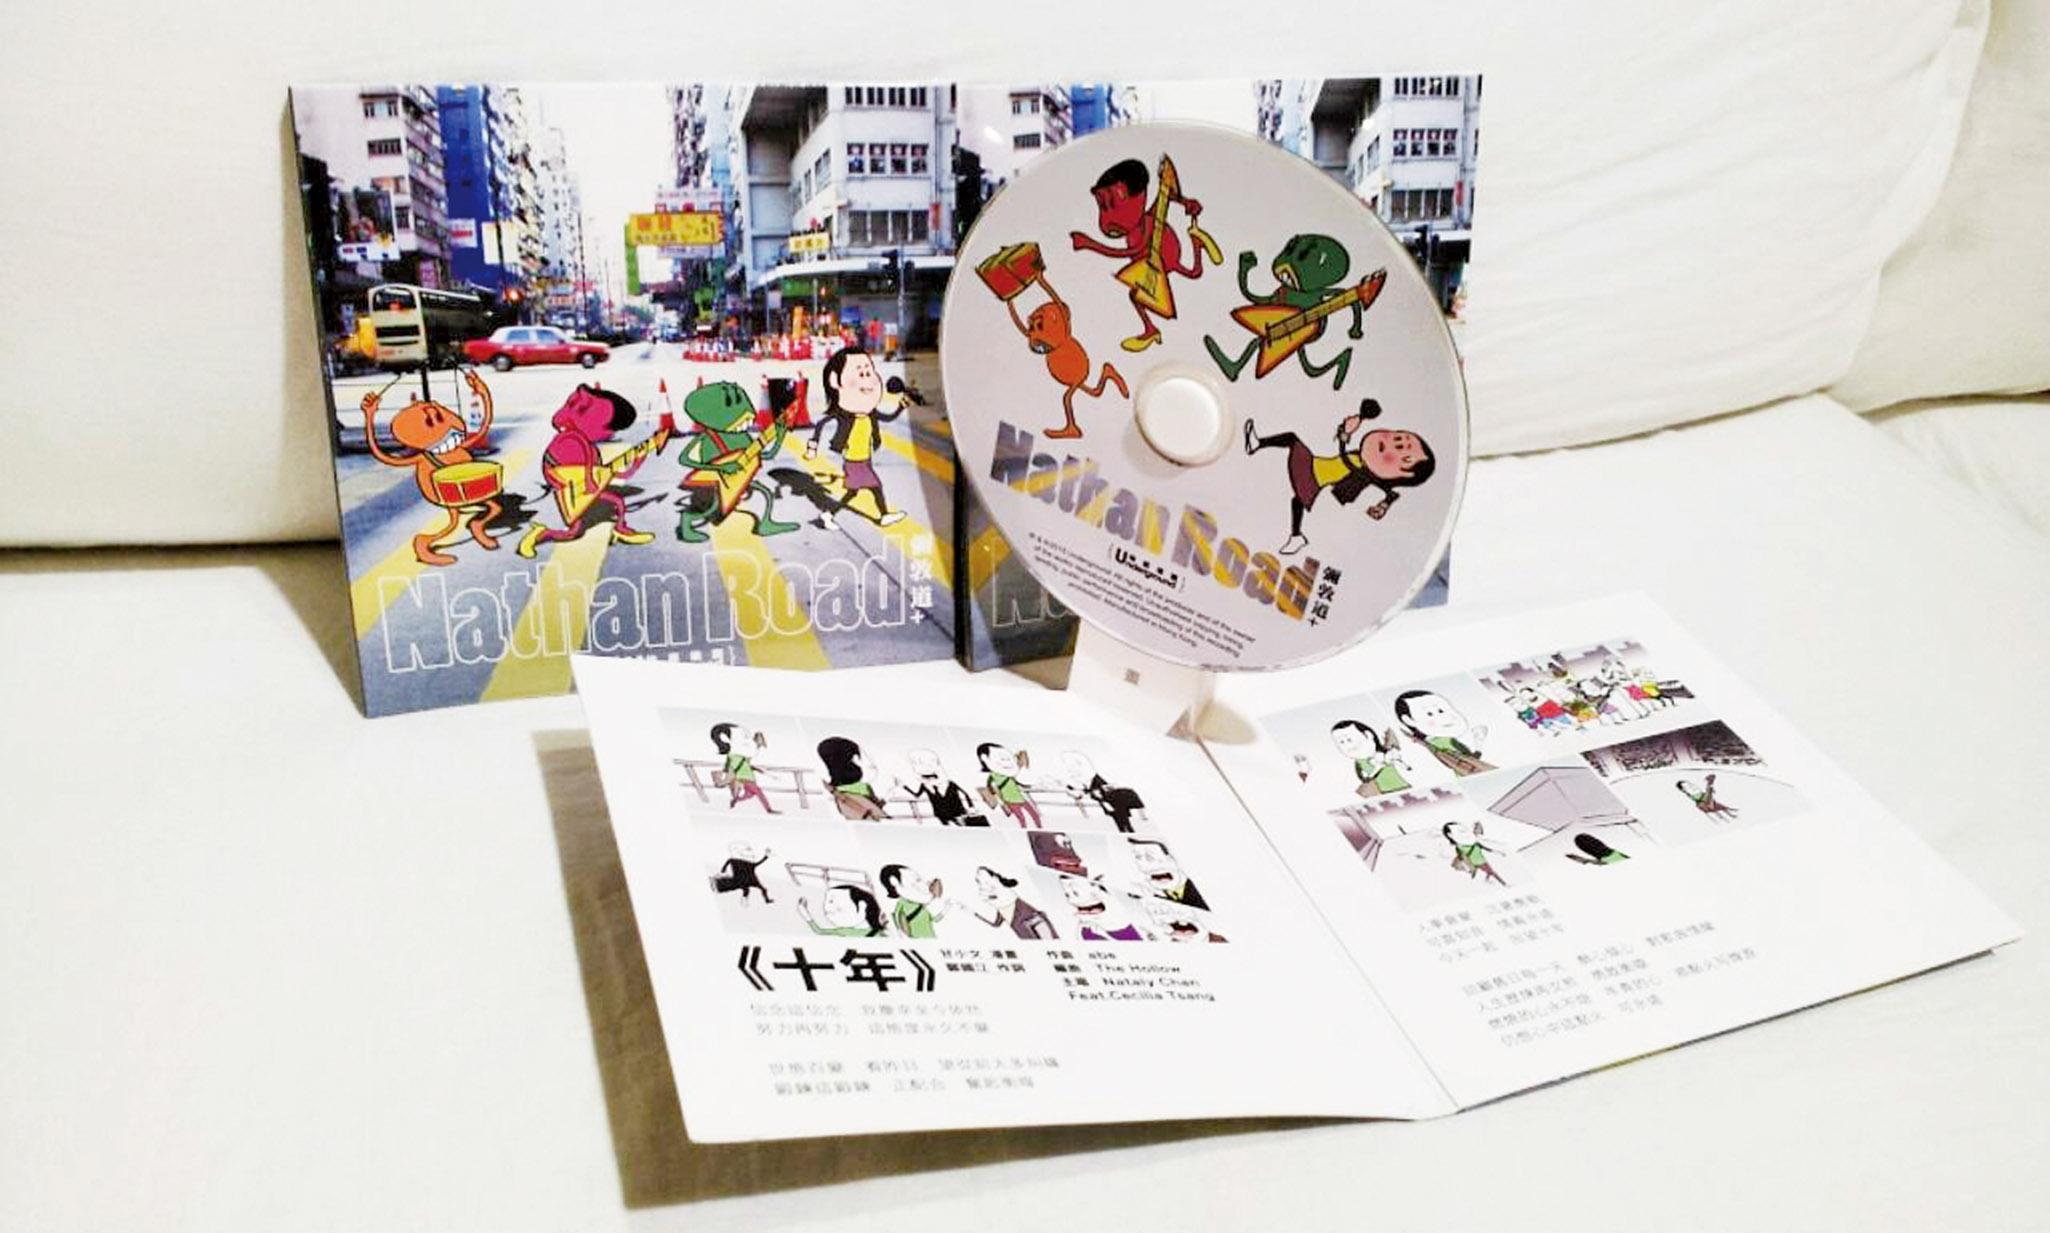 樂團漫畫聯乘新碟